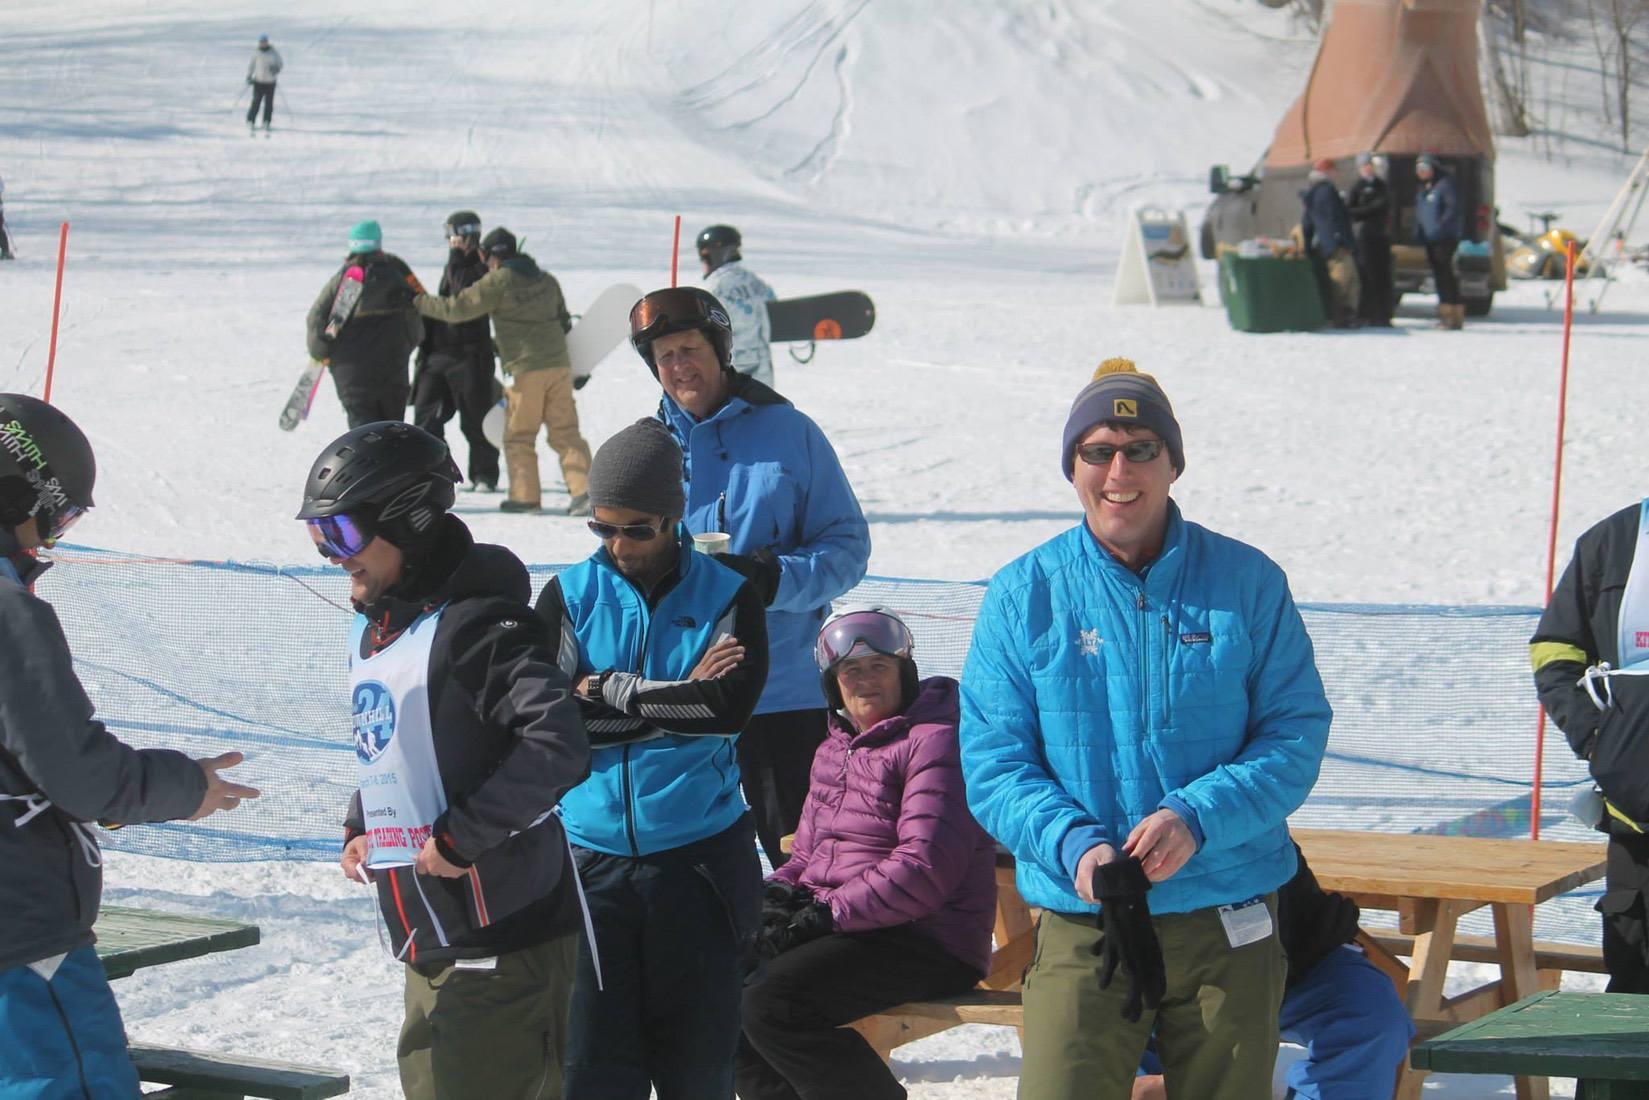 WinterKids Downhill24 2015 Mount Abram103